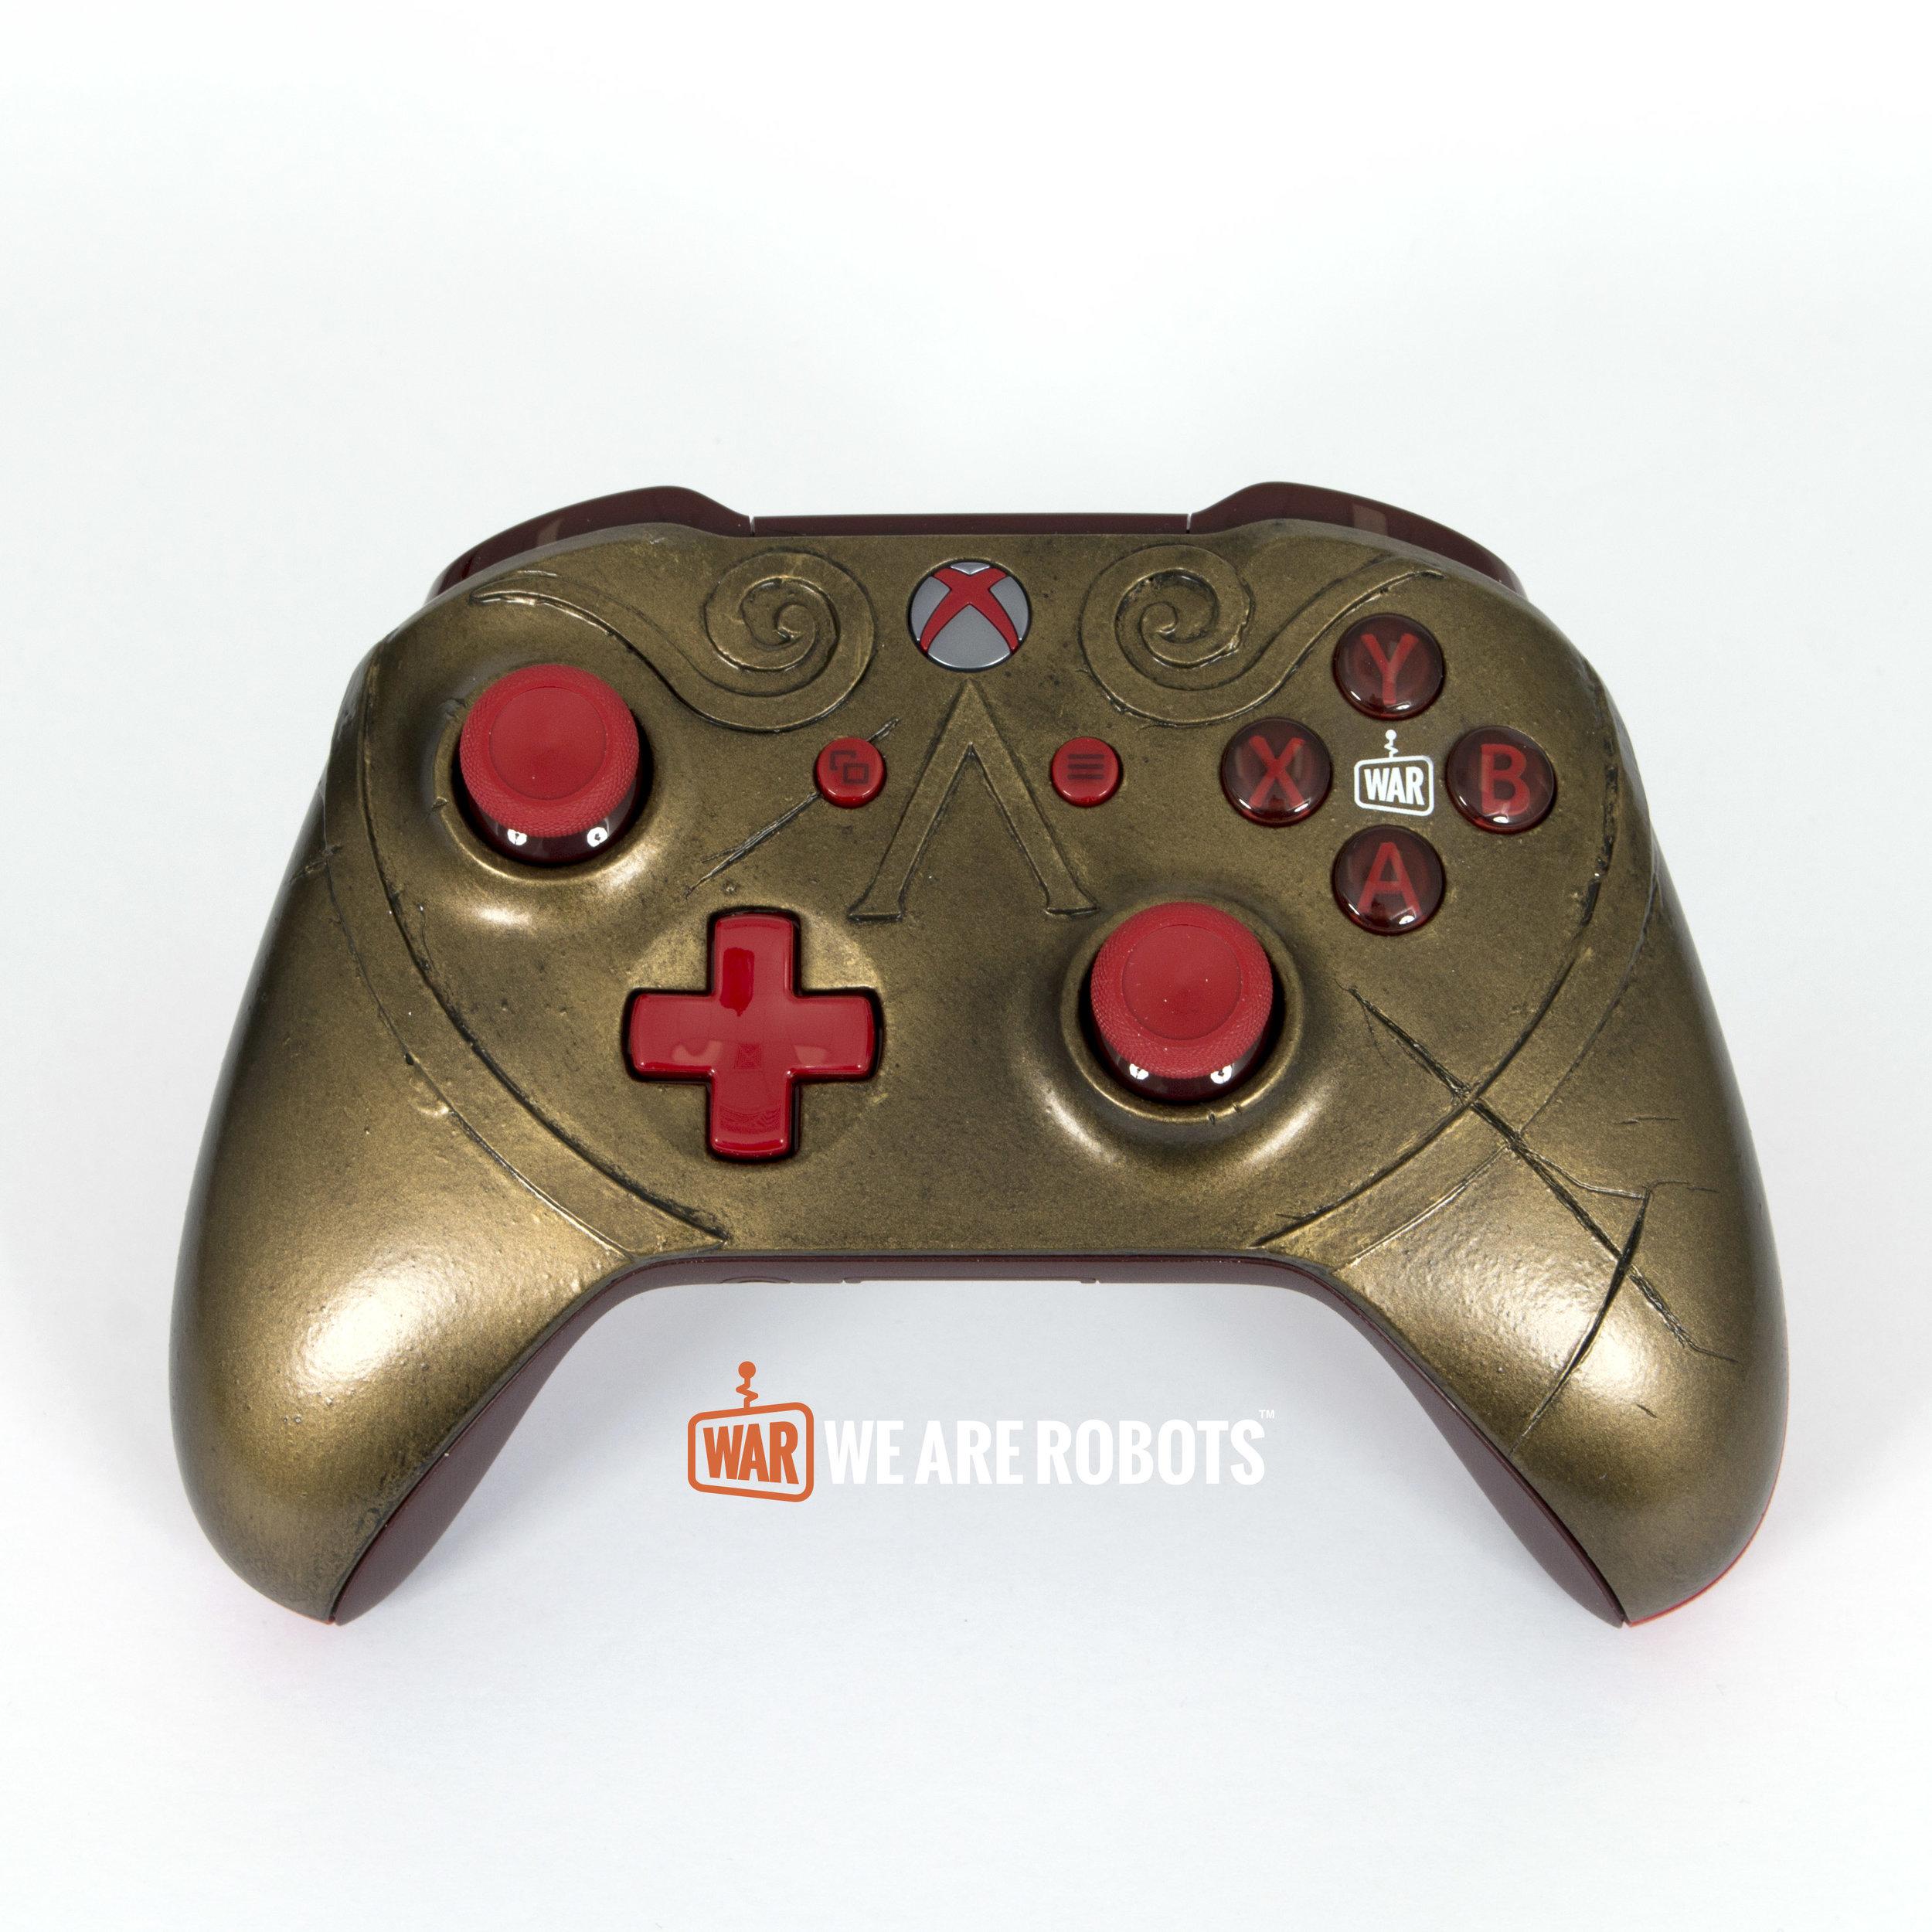 WAR Customs - Assassins Creed Odyssey Controller